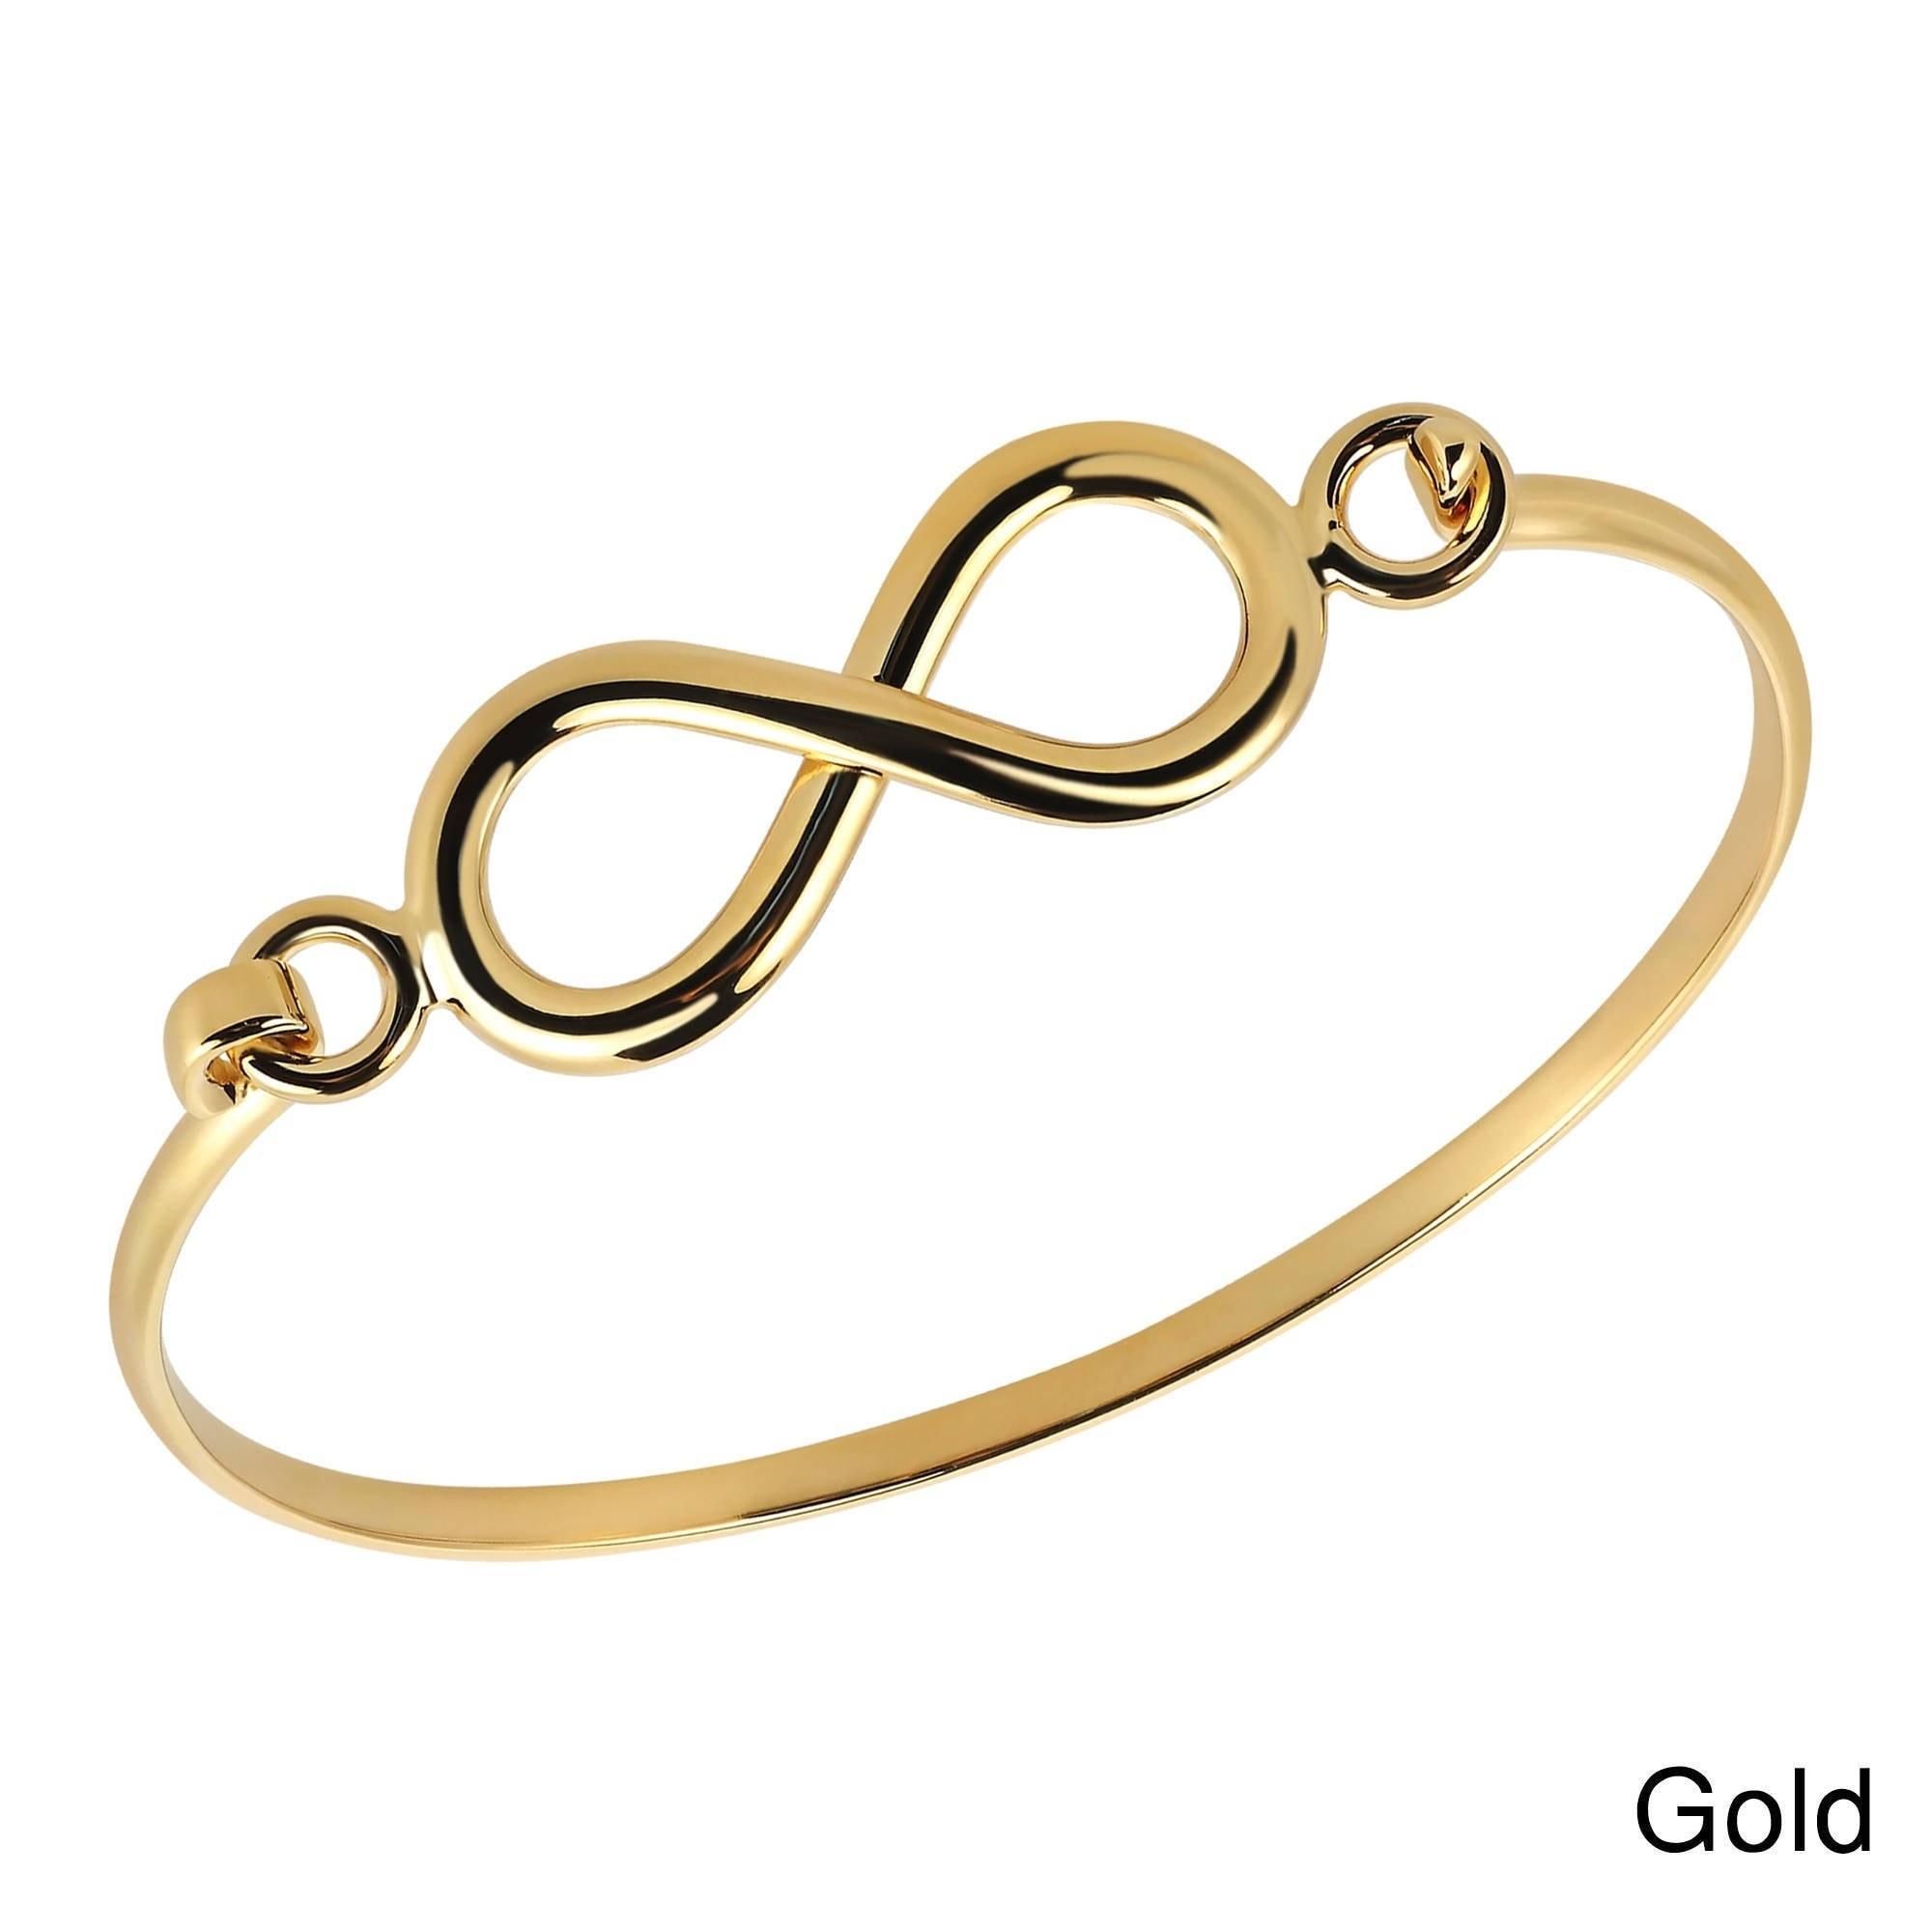 ADJUSTABLE BANGLE BRACELET 14K ROSE GOLD OVER 925 STERLING SILVER